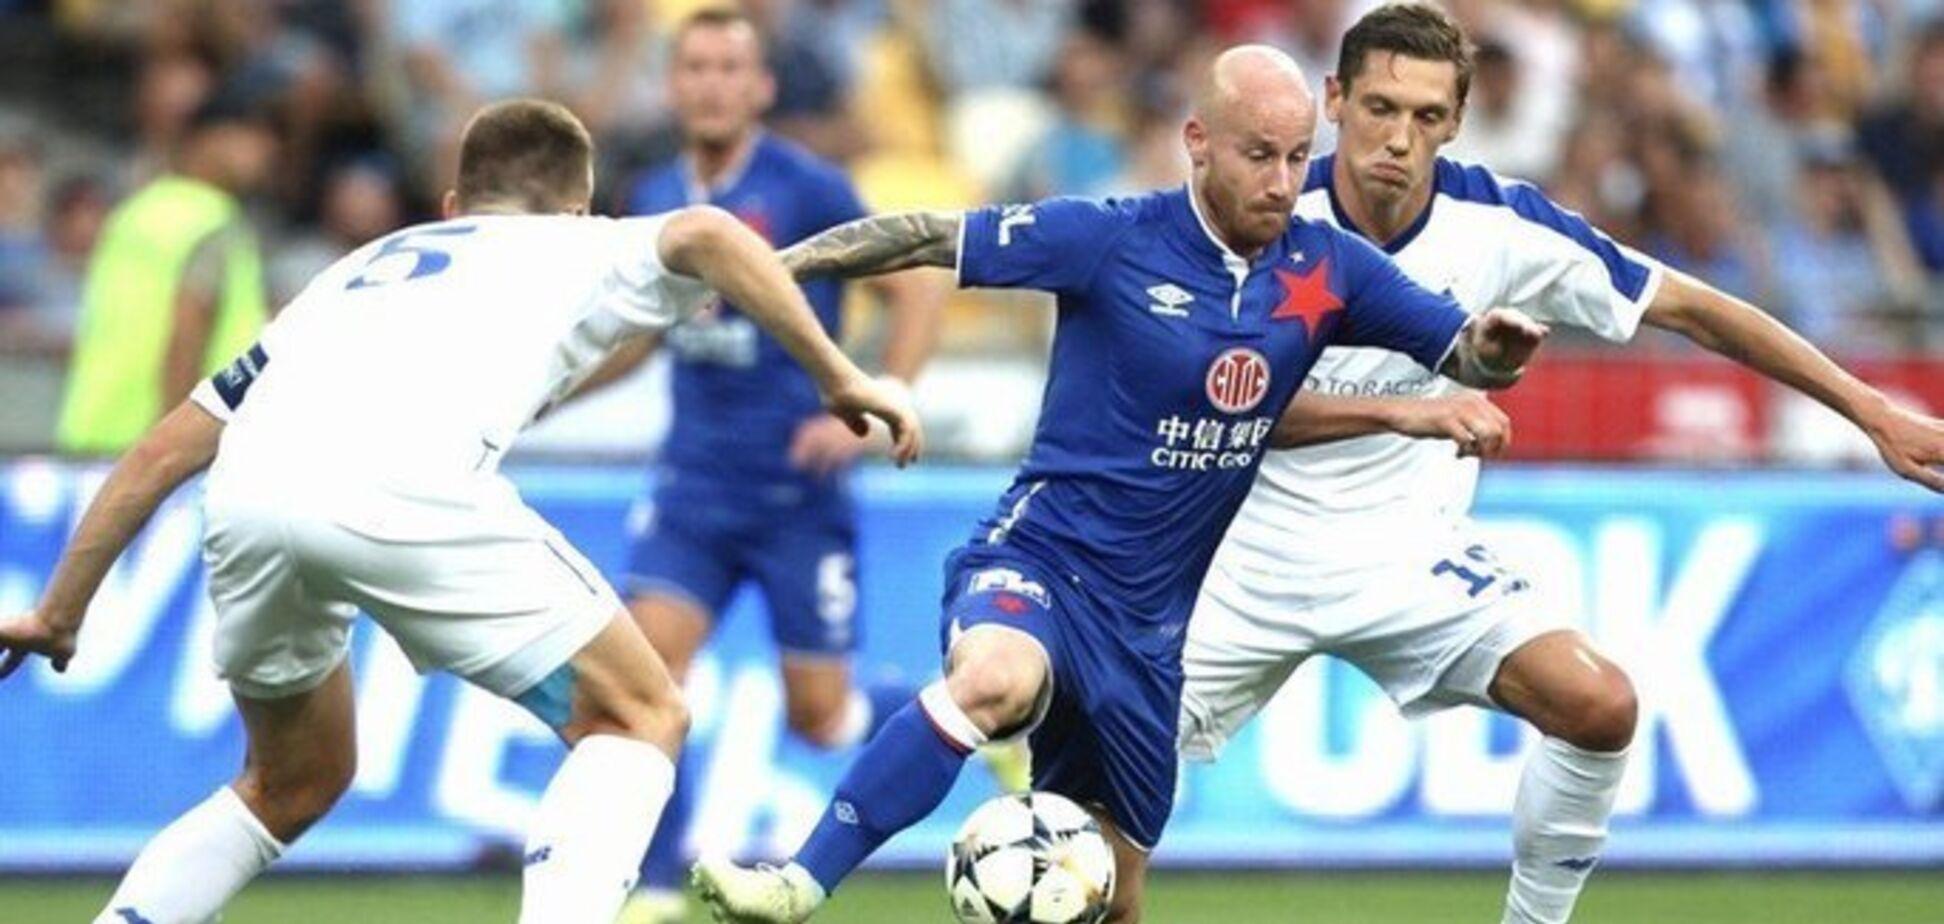 УЕФА вынес решение по матчу 'Динамо' в Лиге чемпионов